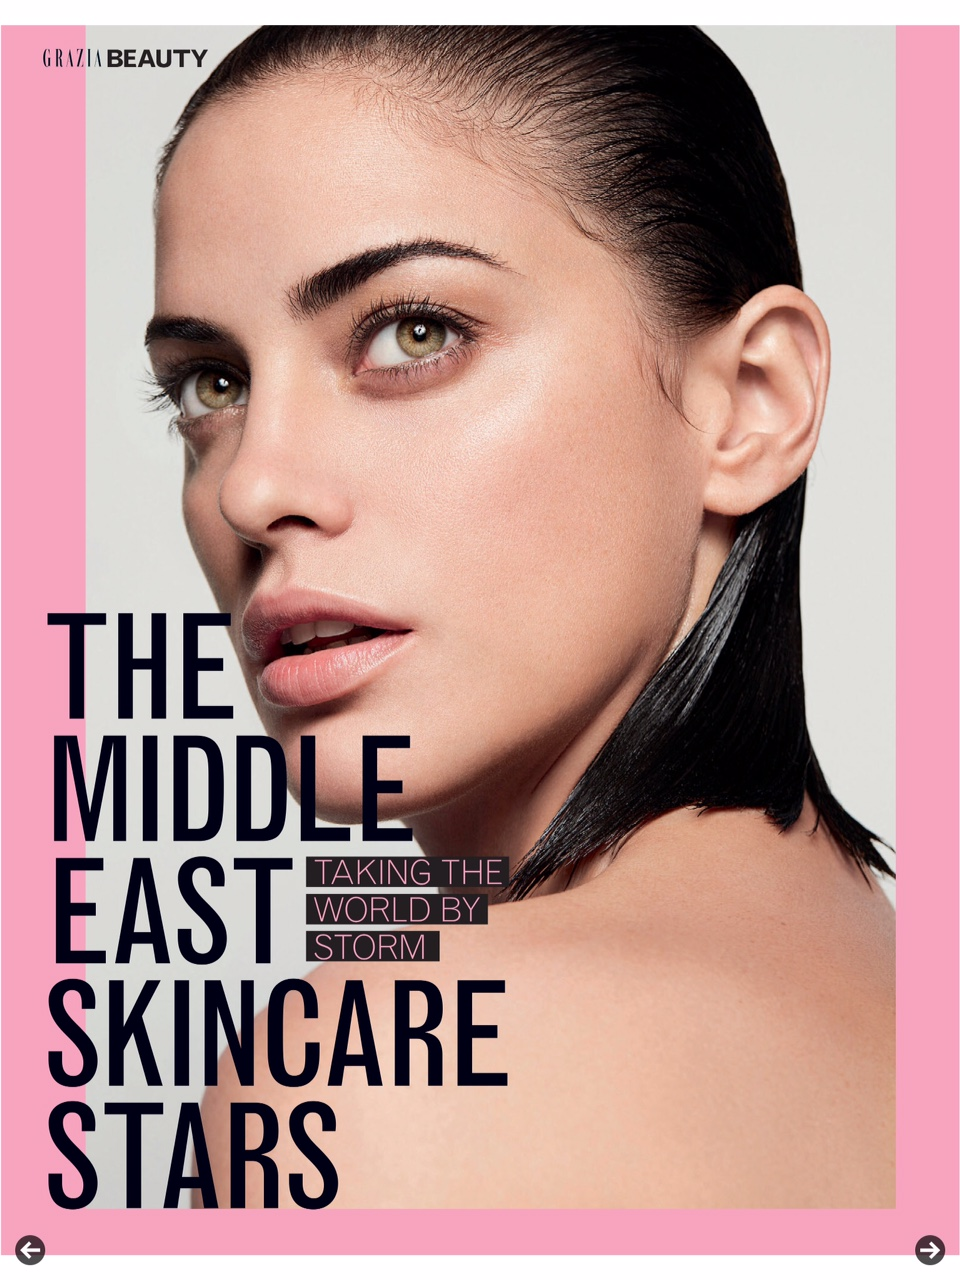 Skincare 1.jpeg